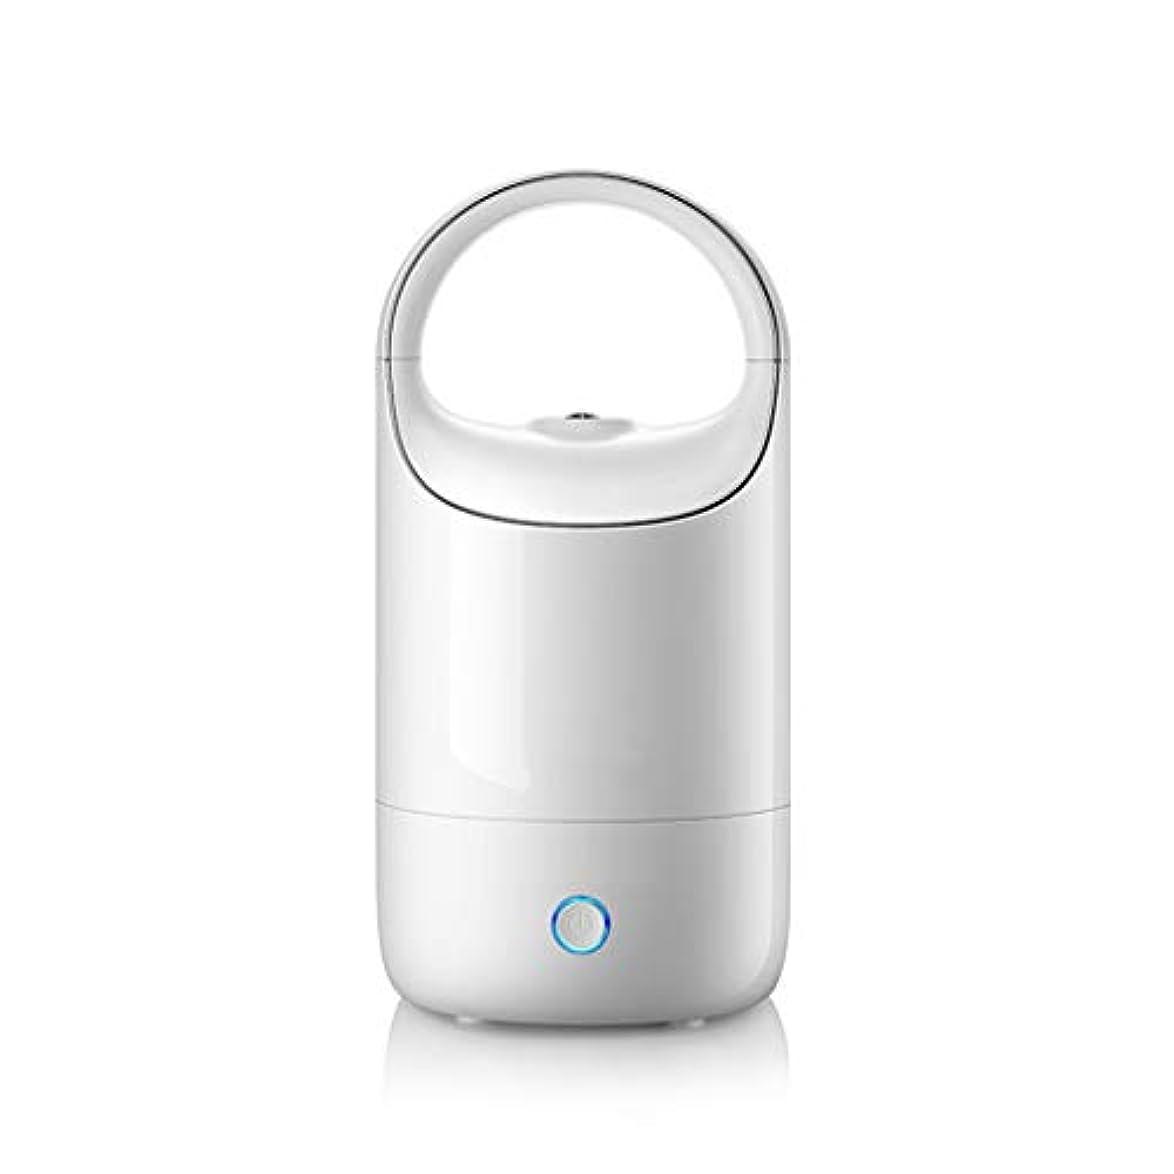 困惑エキス遠近法空気加湿器ホームサイレント寝室妊婦赤ちゃん空気霧大容量ディフューザー (Color : White)